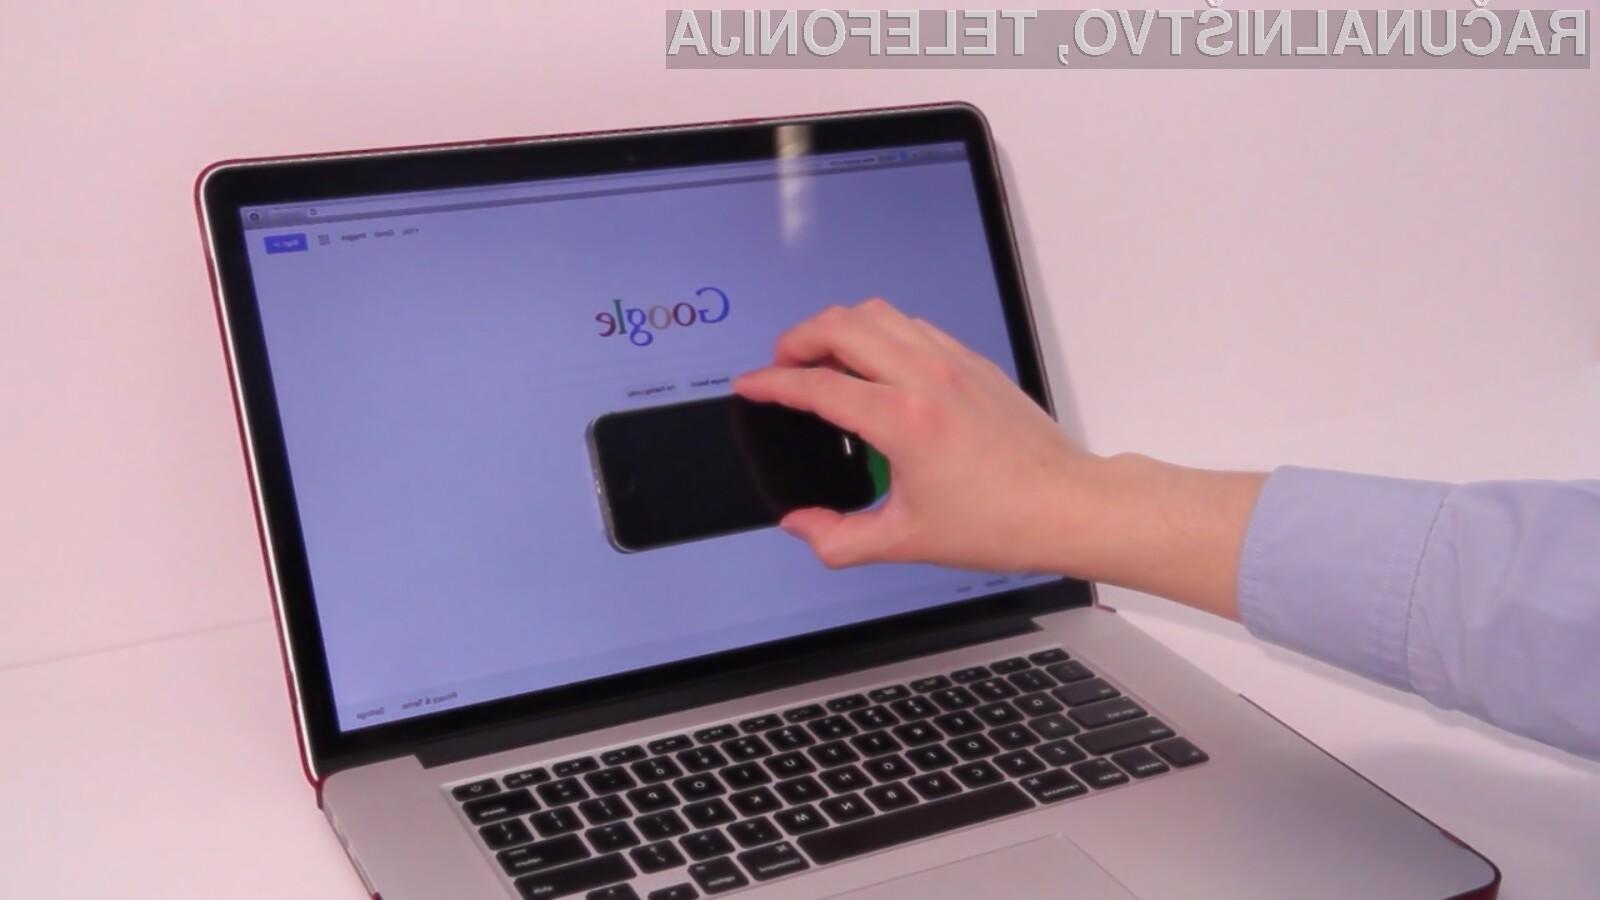 Pametni mobilnik kot dodaten interaktivni zaslon za prenosnik